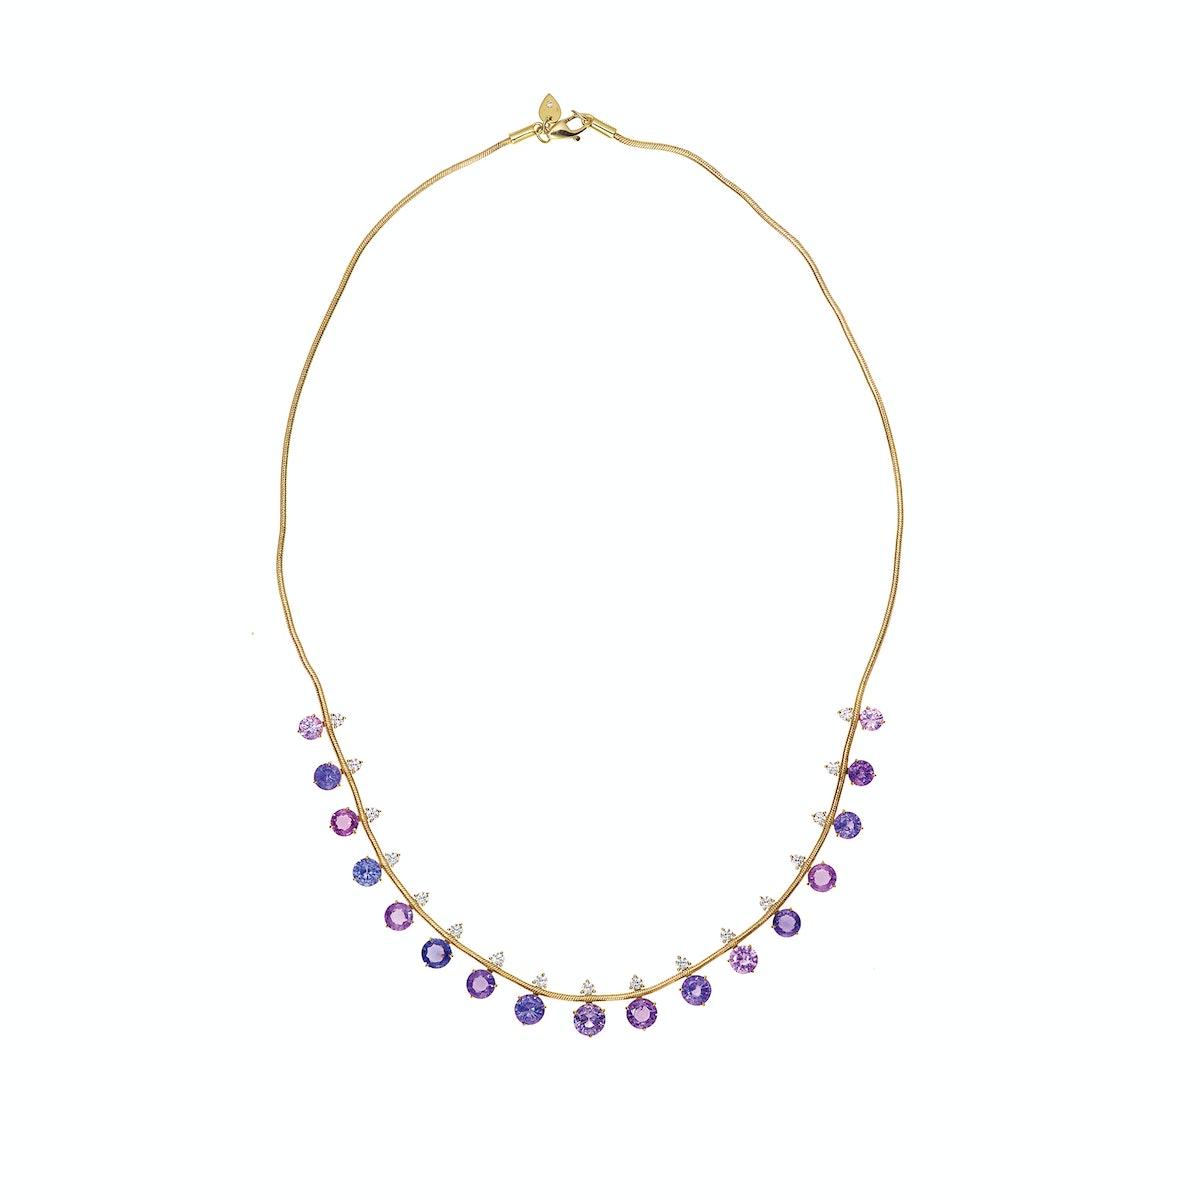 Jemma-Wynne-necklace